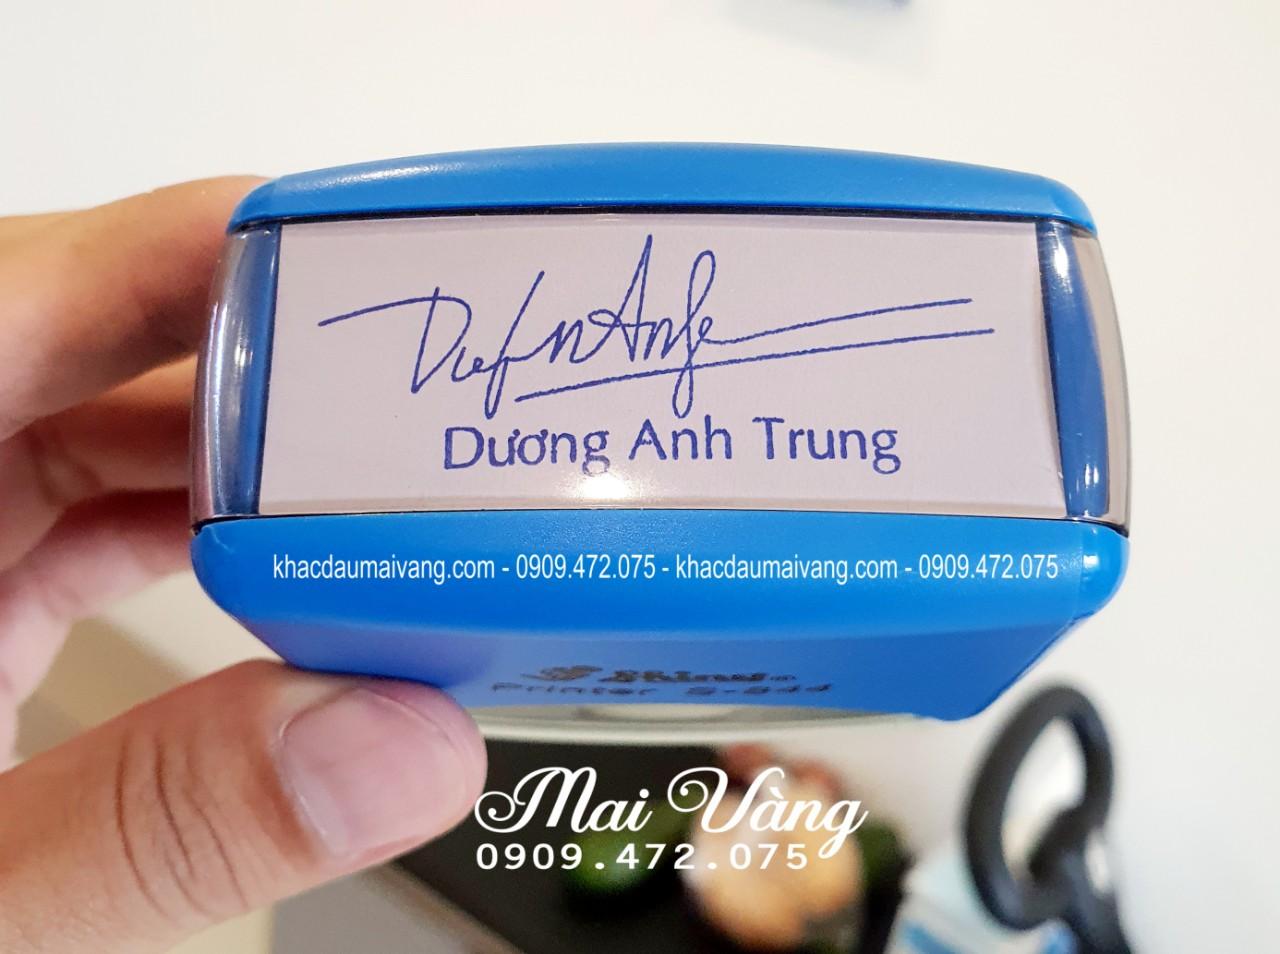 Dịch vụ khắc dấu chuyên nghiệp tại Quận 9 - Thủ Đức, nhận làm con dấu giá rẻ lấy liền